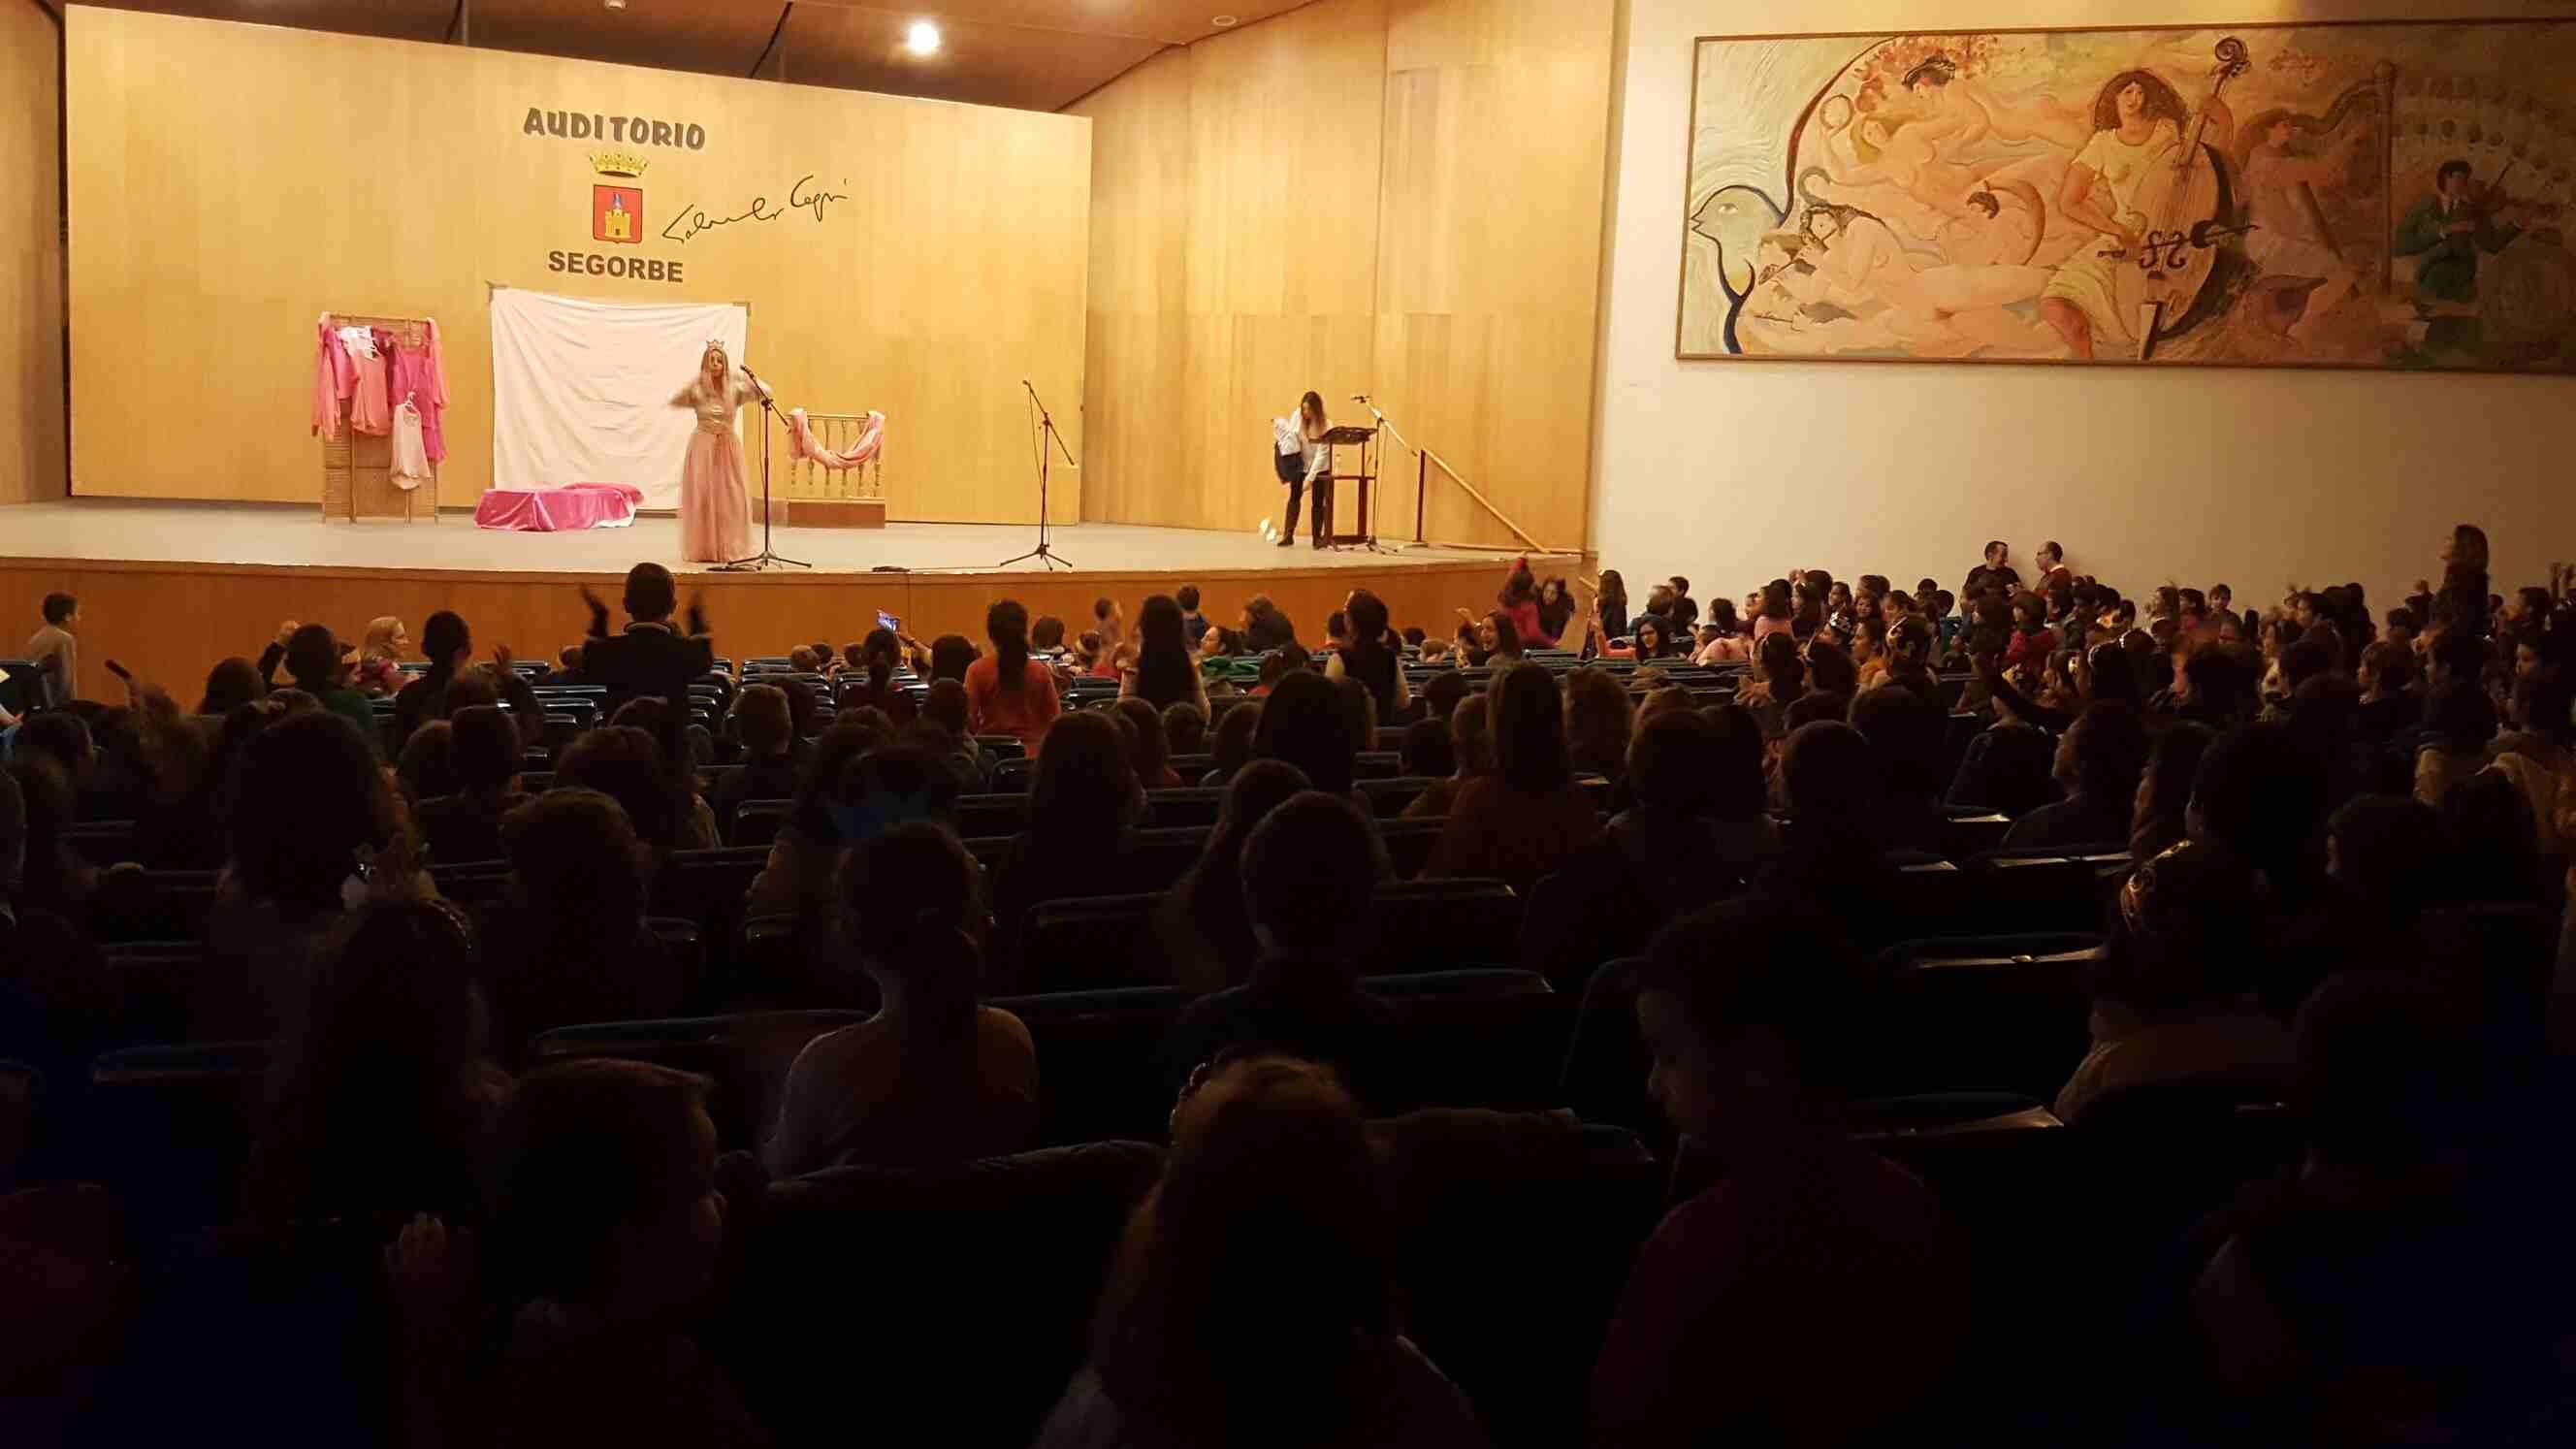 El alumnado baila al ritmo de las canciones del teatro